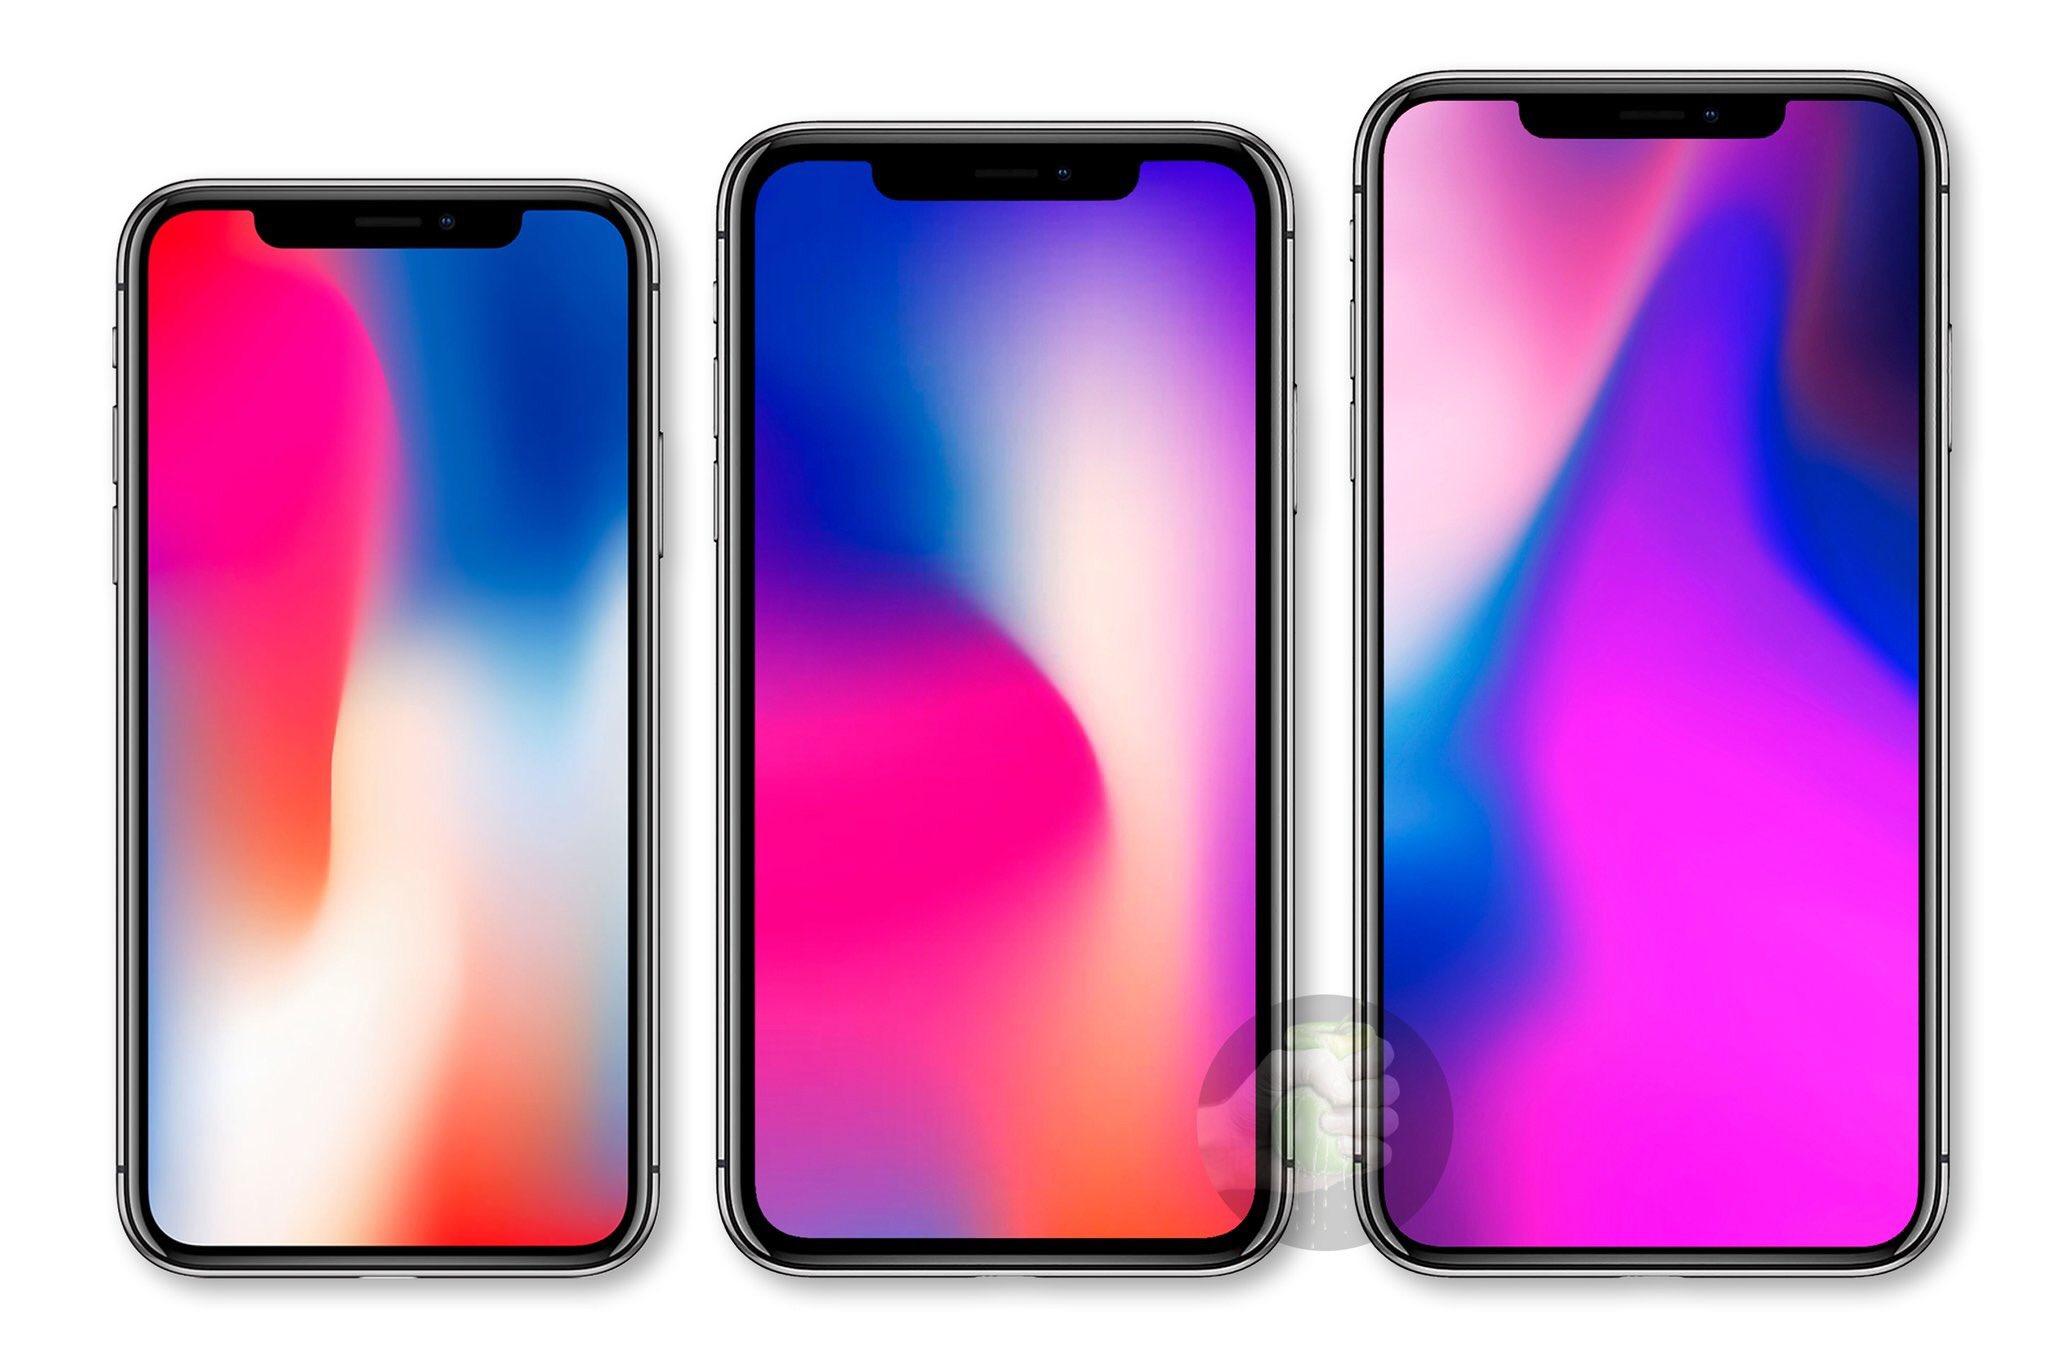 Supuesto aspecto de los tres nuevos modelos de iPhone que Apple podría presentar en el 2018